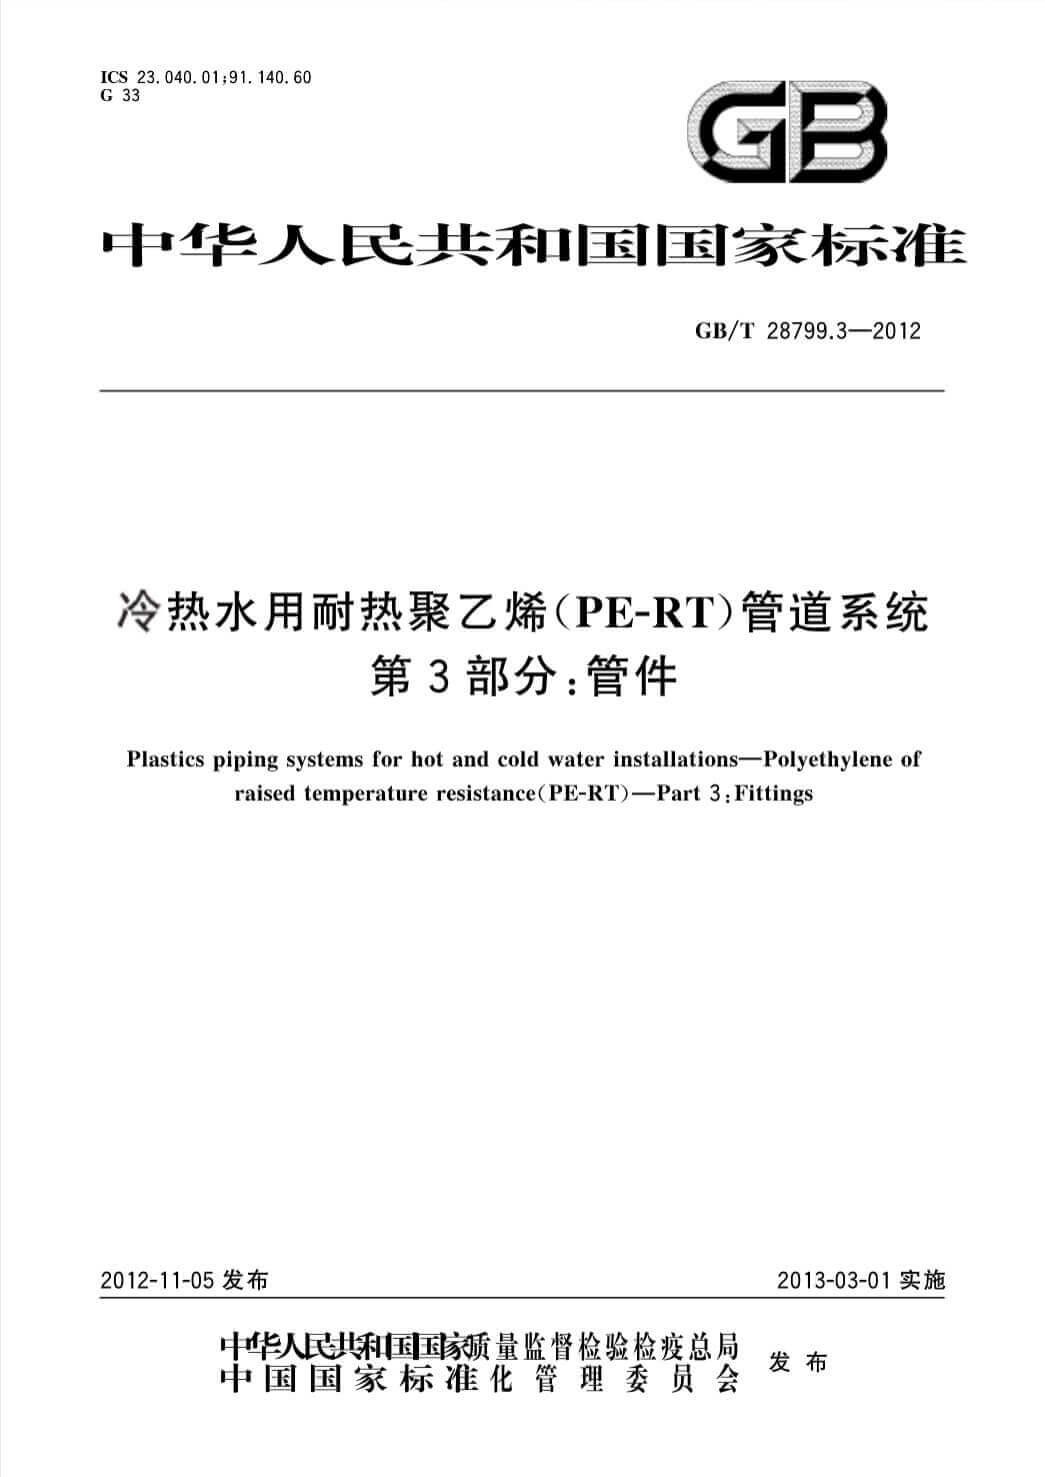 GB/T28799.3-2012冷热水用耐热聚乙烯(PE-RT)管道系统 第3部分:管件